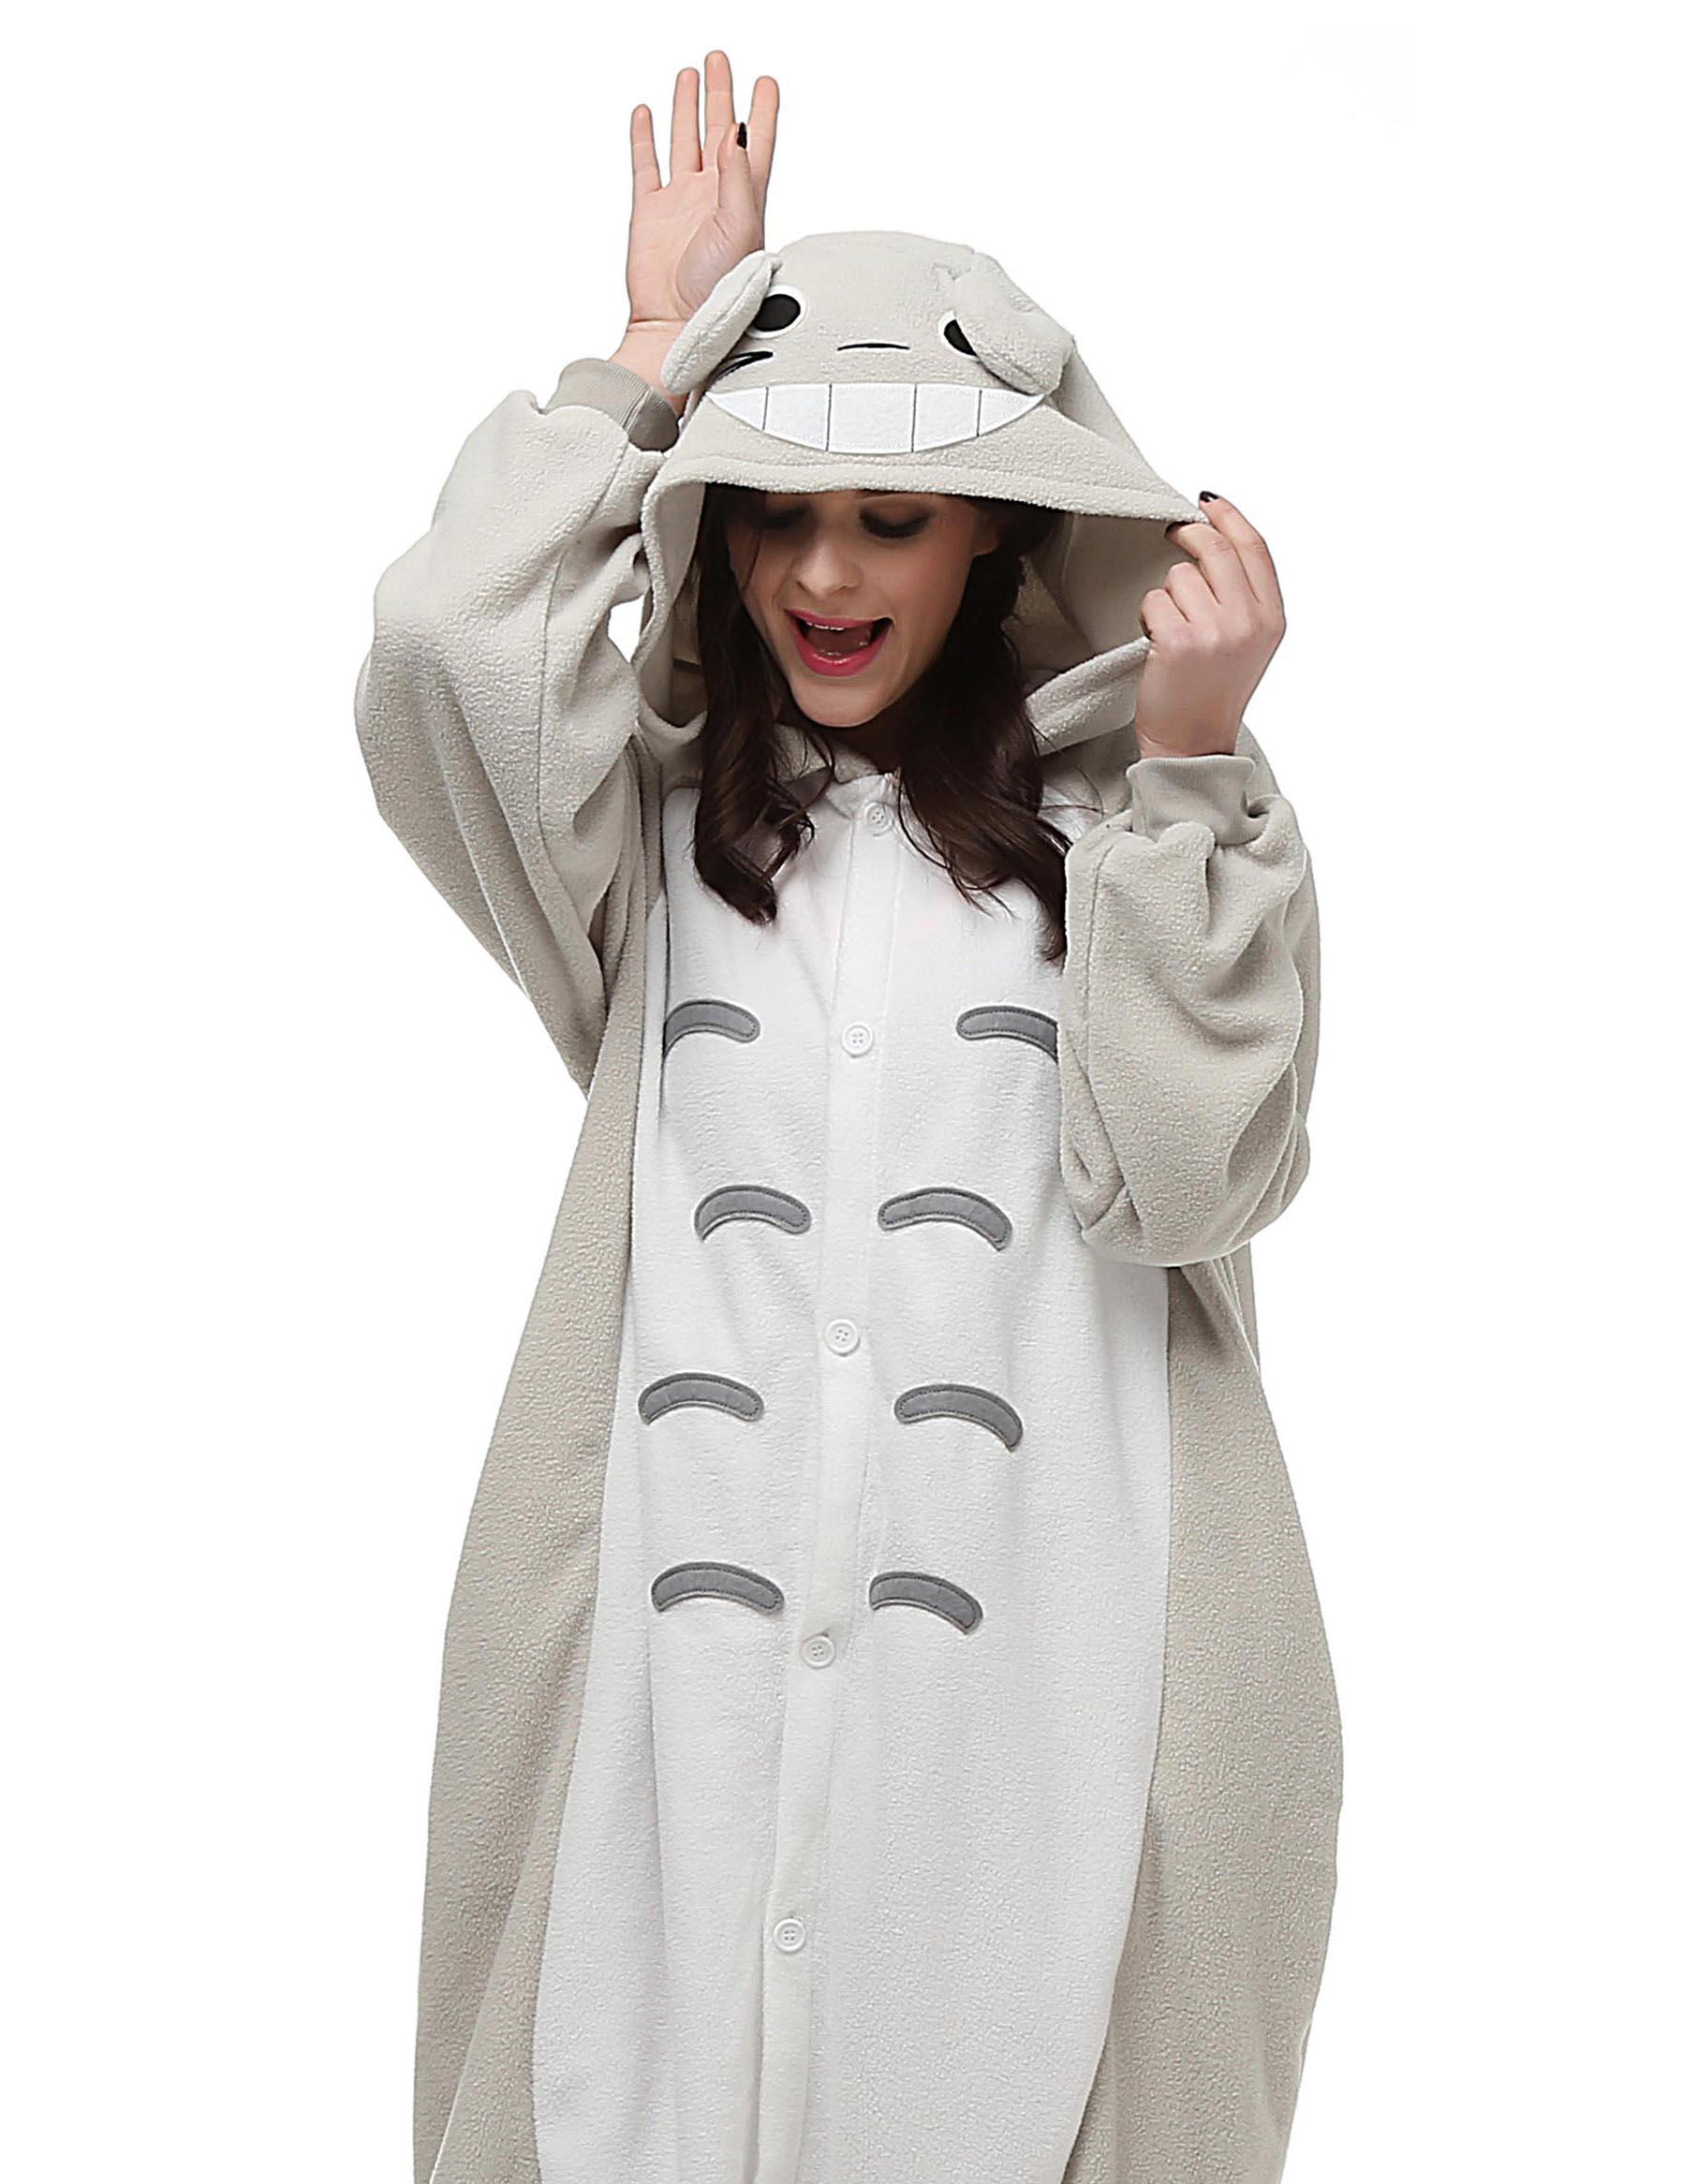 Image 4 - HKSNG On Sale Winter Totoro Eeyore Donkey Kigu Onesies Animal Pajamas Hooded Cosplay Costume Homewear Kigucosplay costumecostume cosplaypikachu pajamas costume -